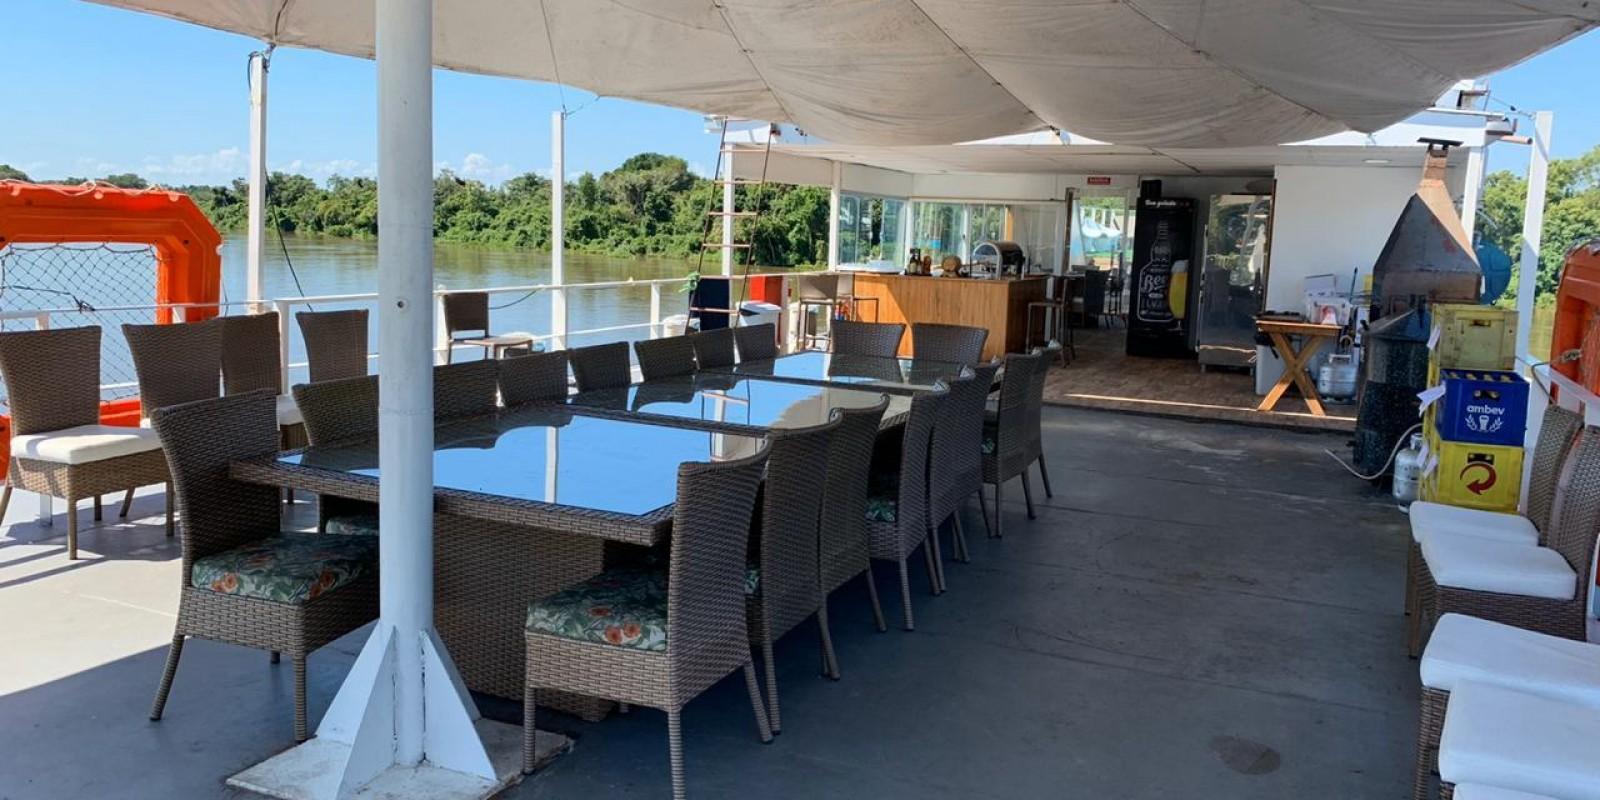 Barco Hotel Panorâmico - P. Cercado 36 pessoas - Foto 4 de 13